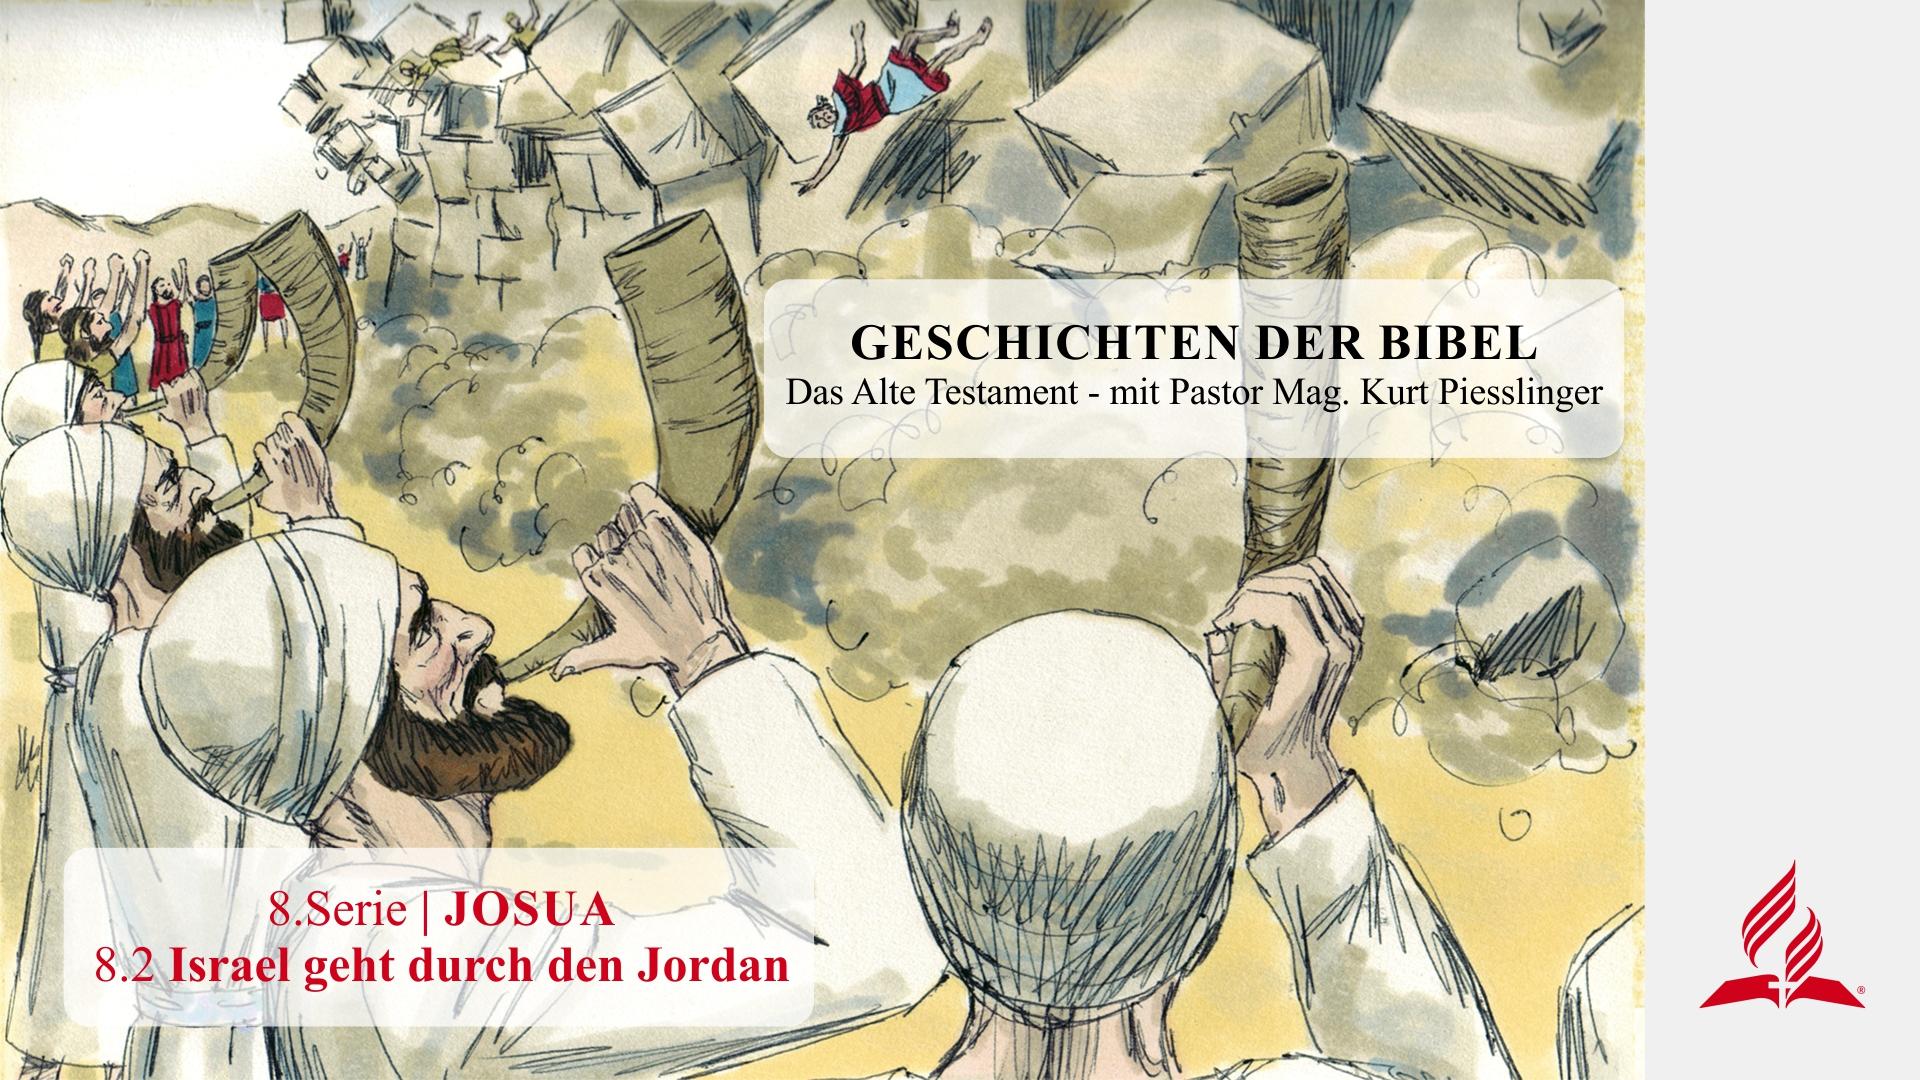 GESCHICHTEN DER BIBEL: 8.2 Israel geht durch den Jordan – 8.JOSUA | Pastor Mag. Kurt Piesslinger